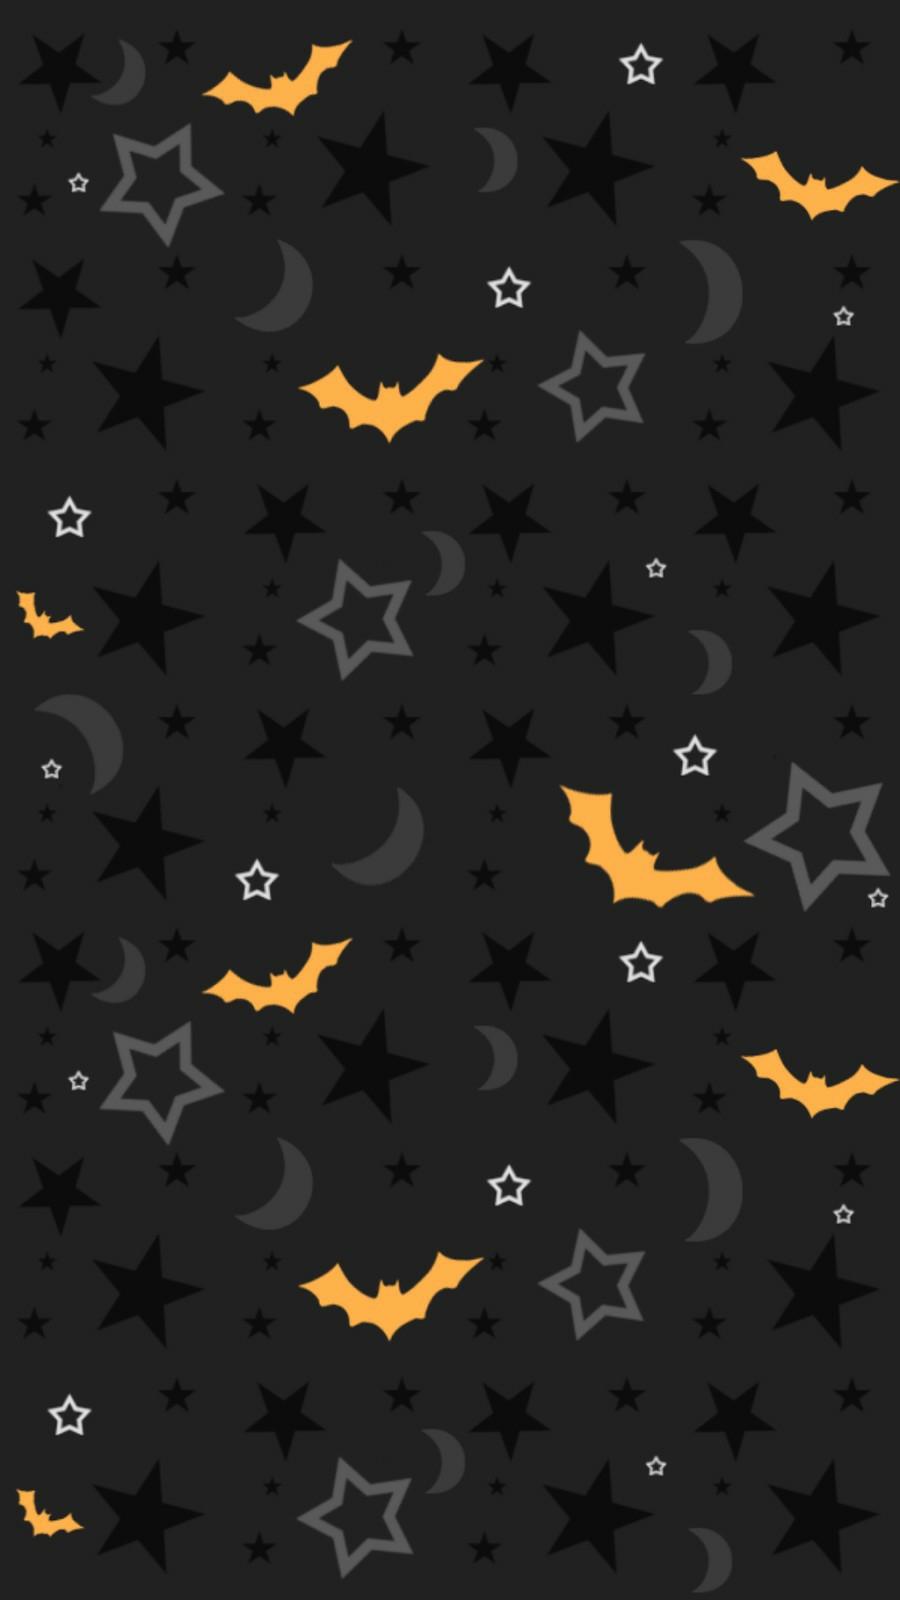 halloweenbatsiphonewallpaper iphone wallpapers